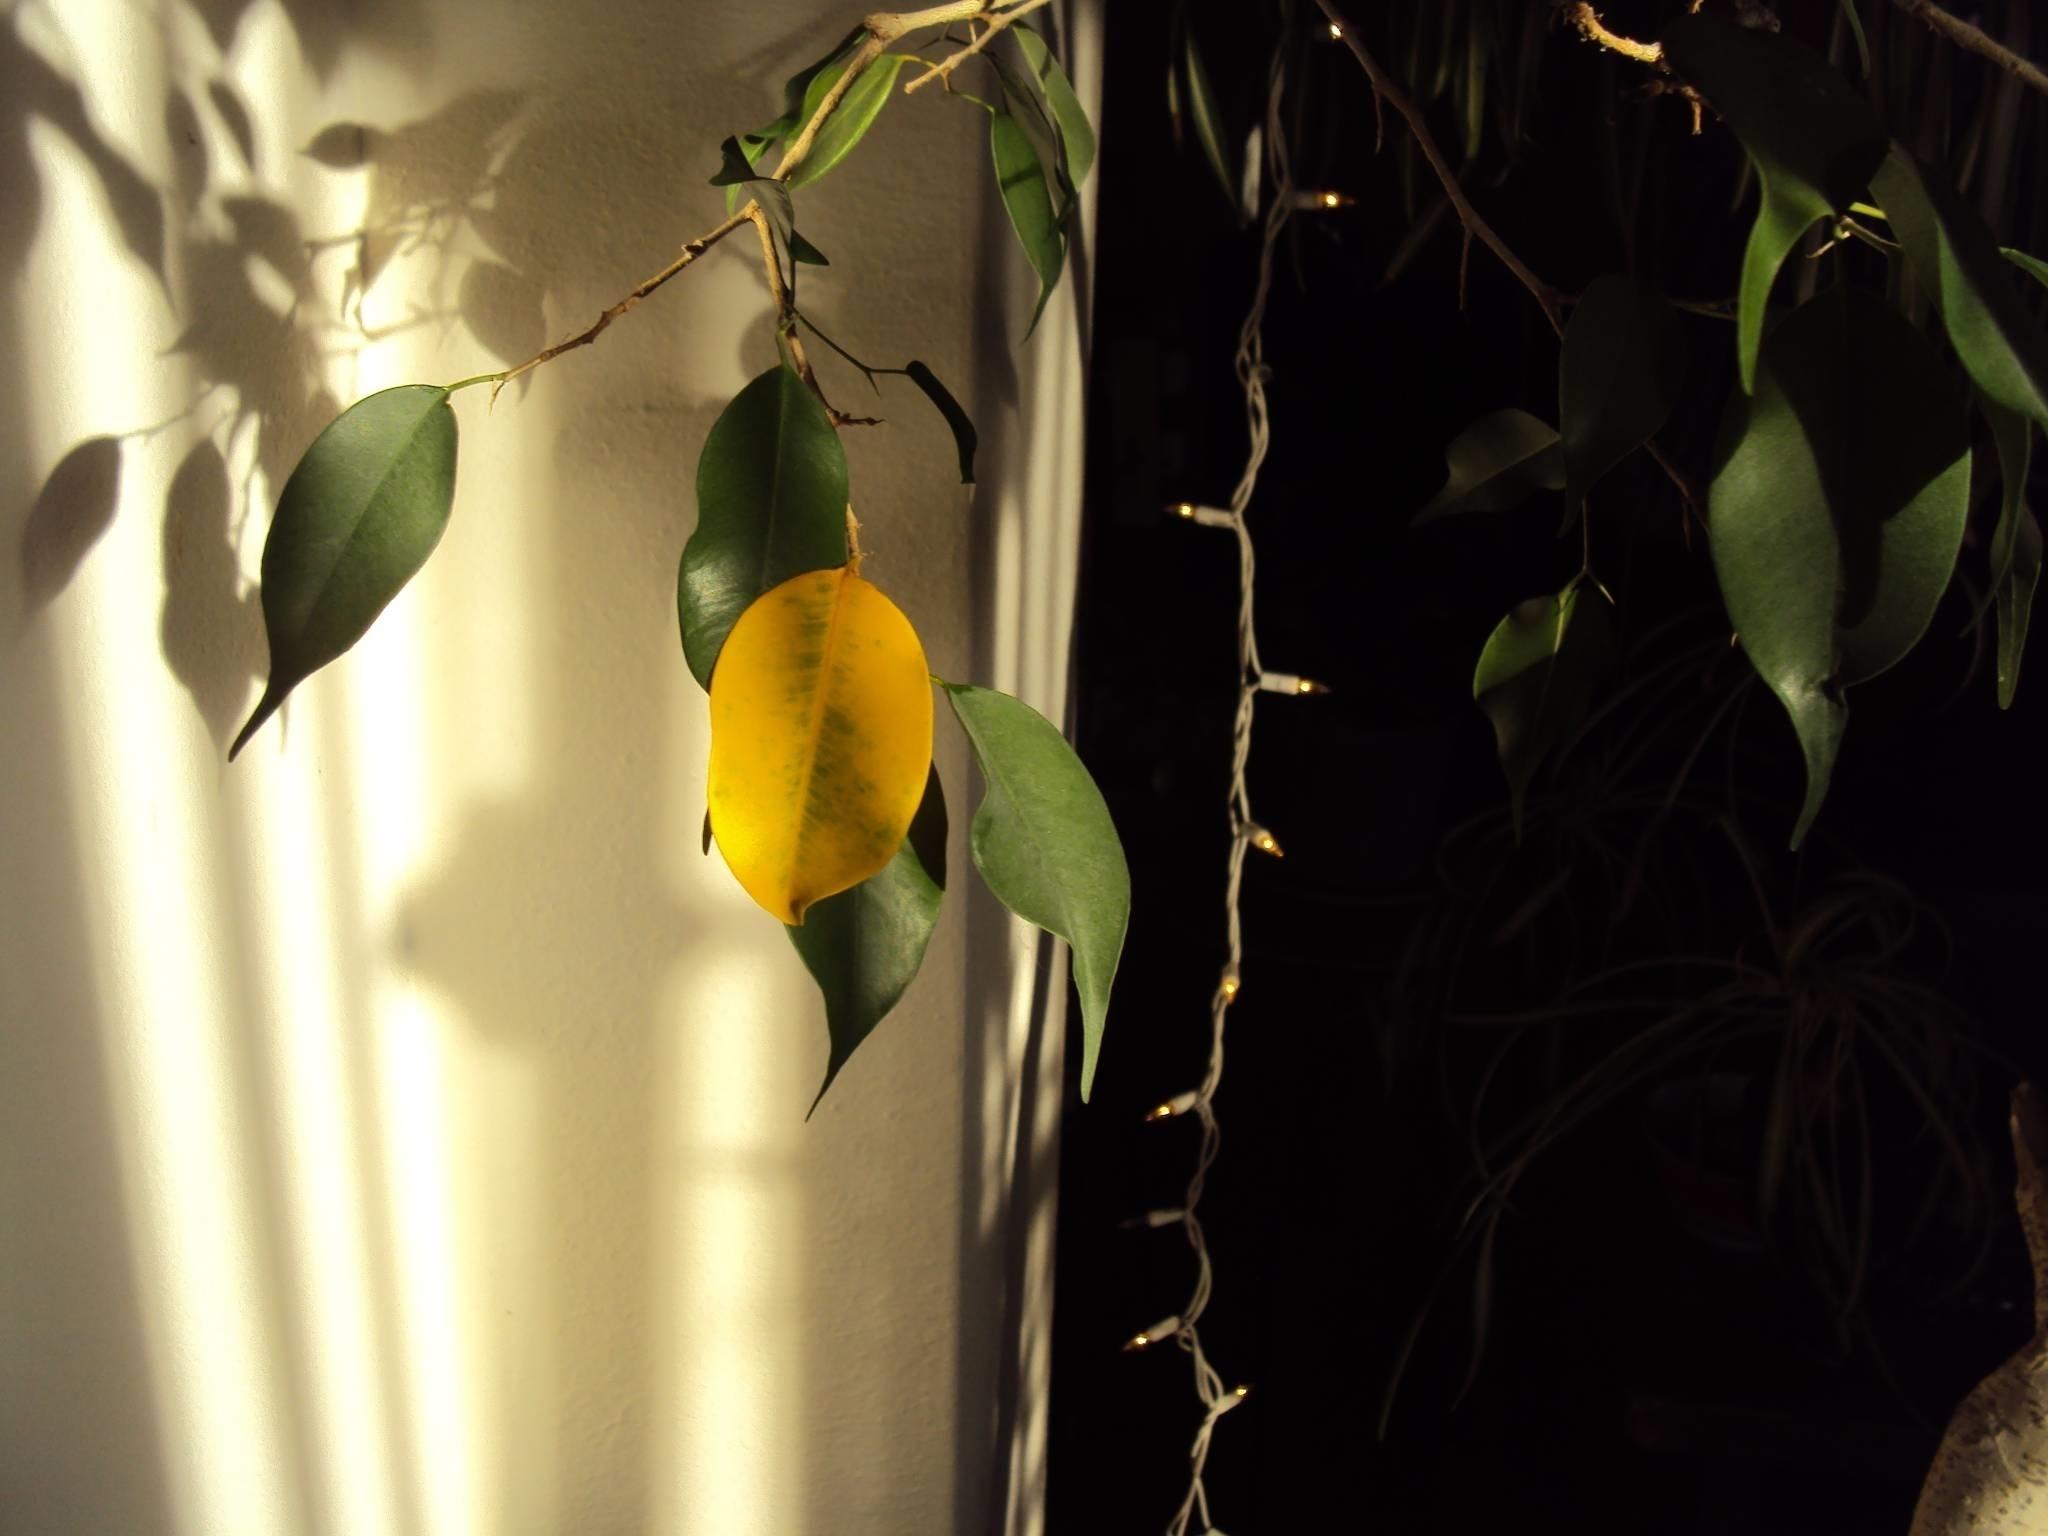 Ficus foglie gialle ficus for Ficus benjamin perde foglie